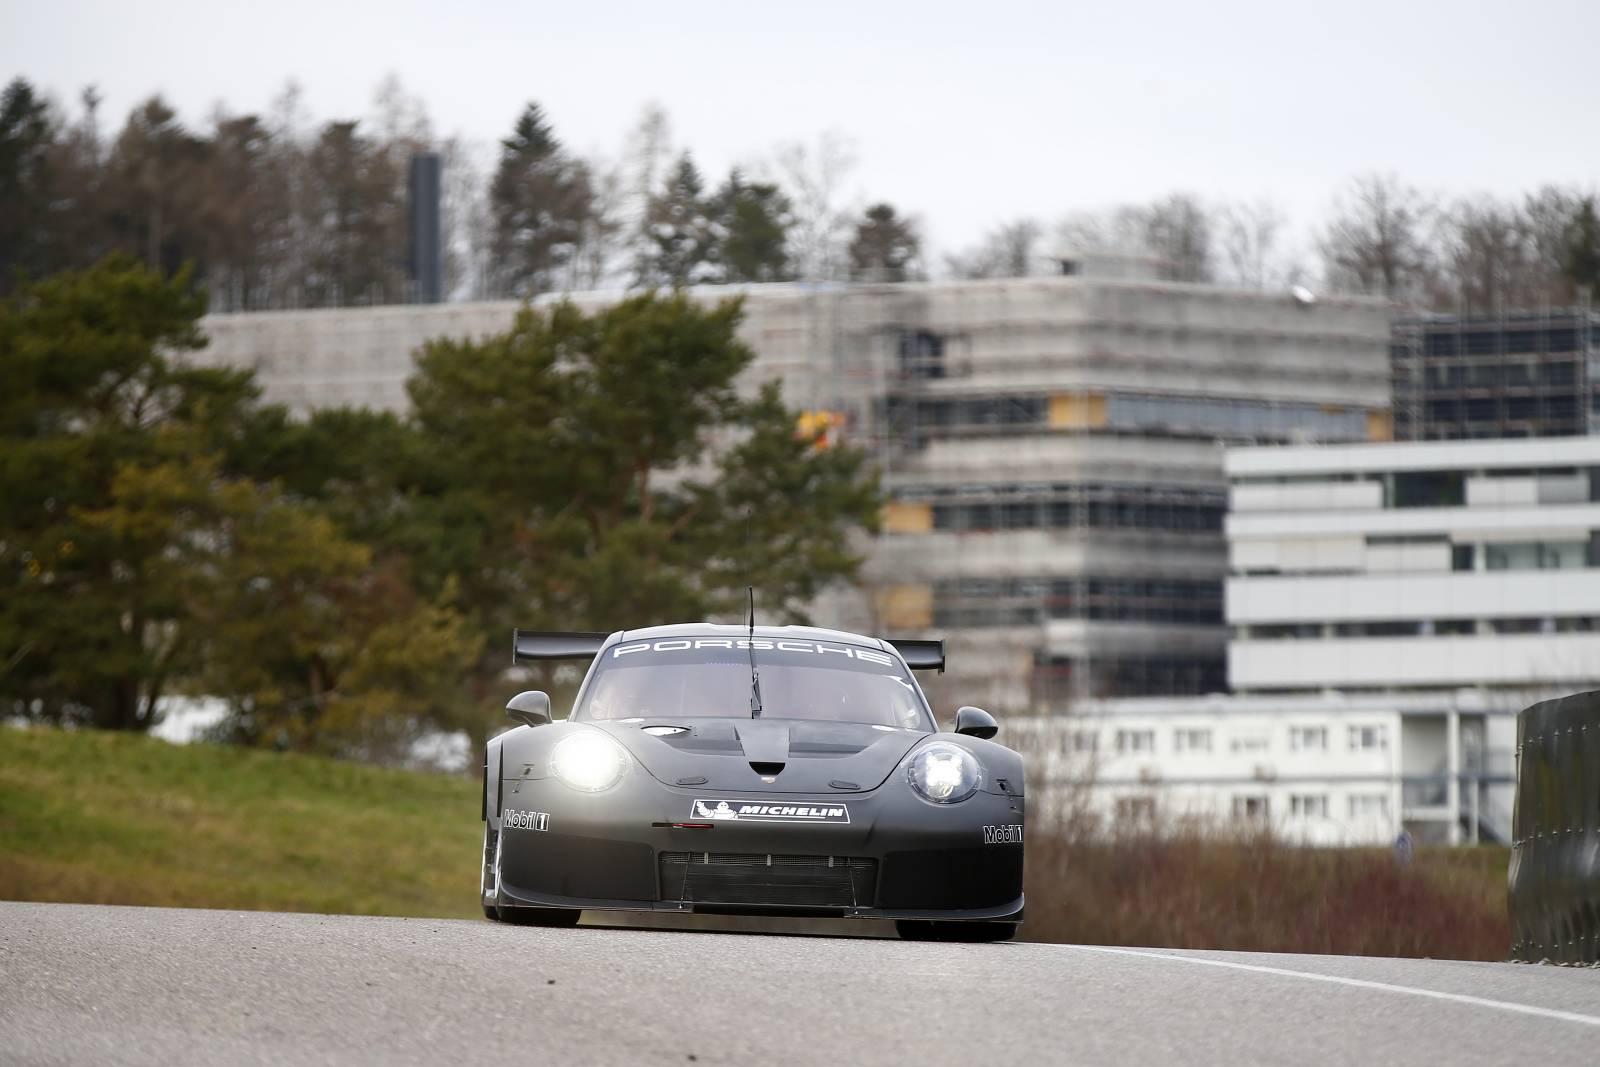 Porsche-911-RSR-02